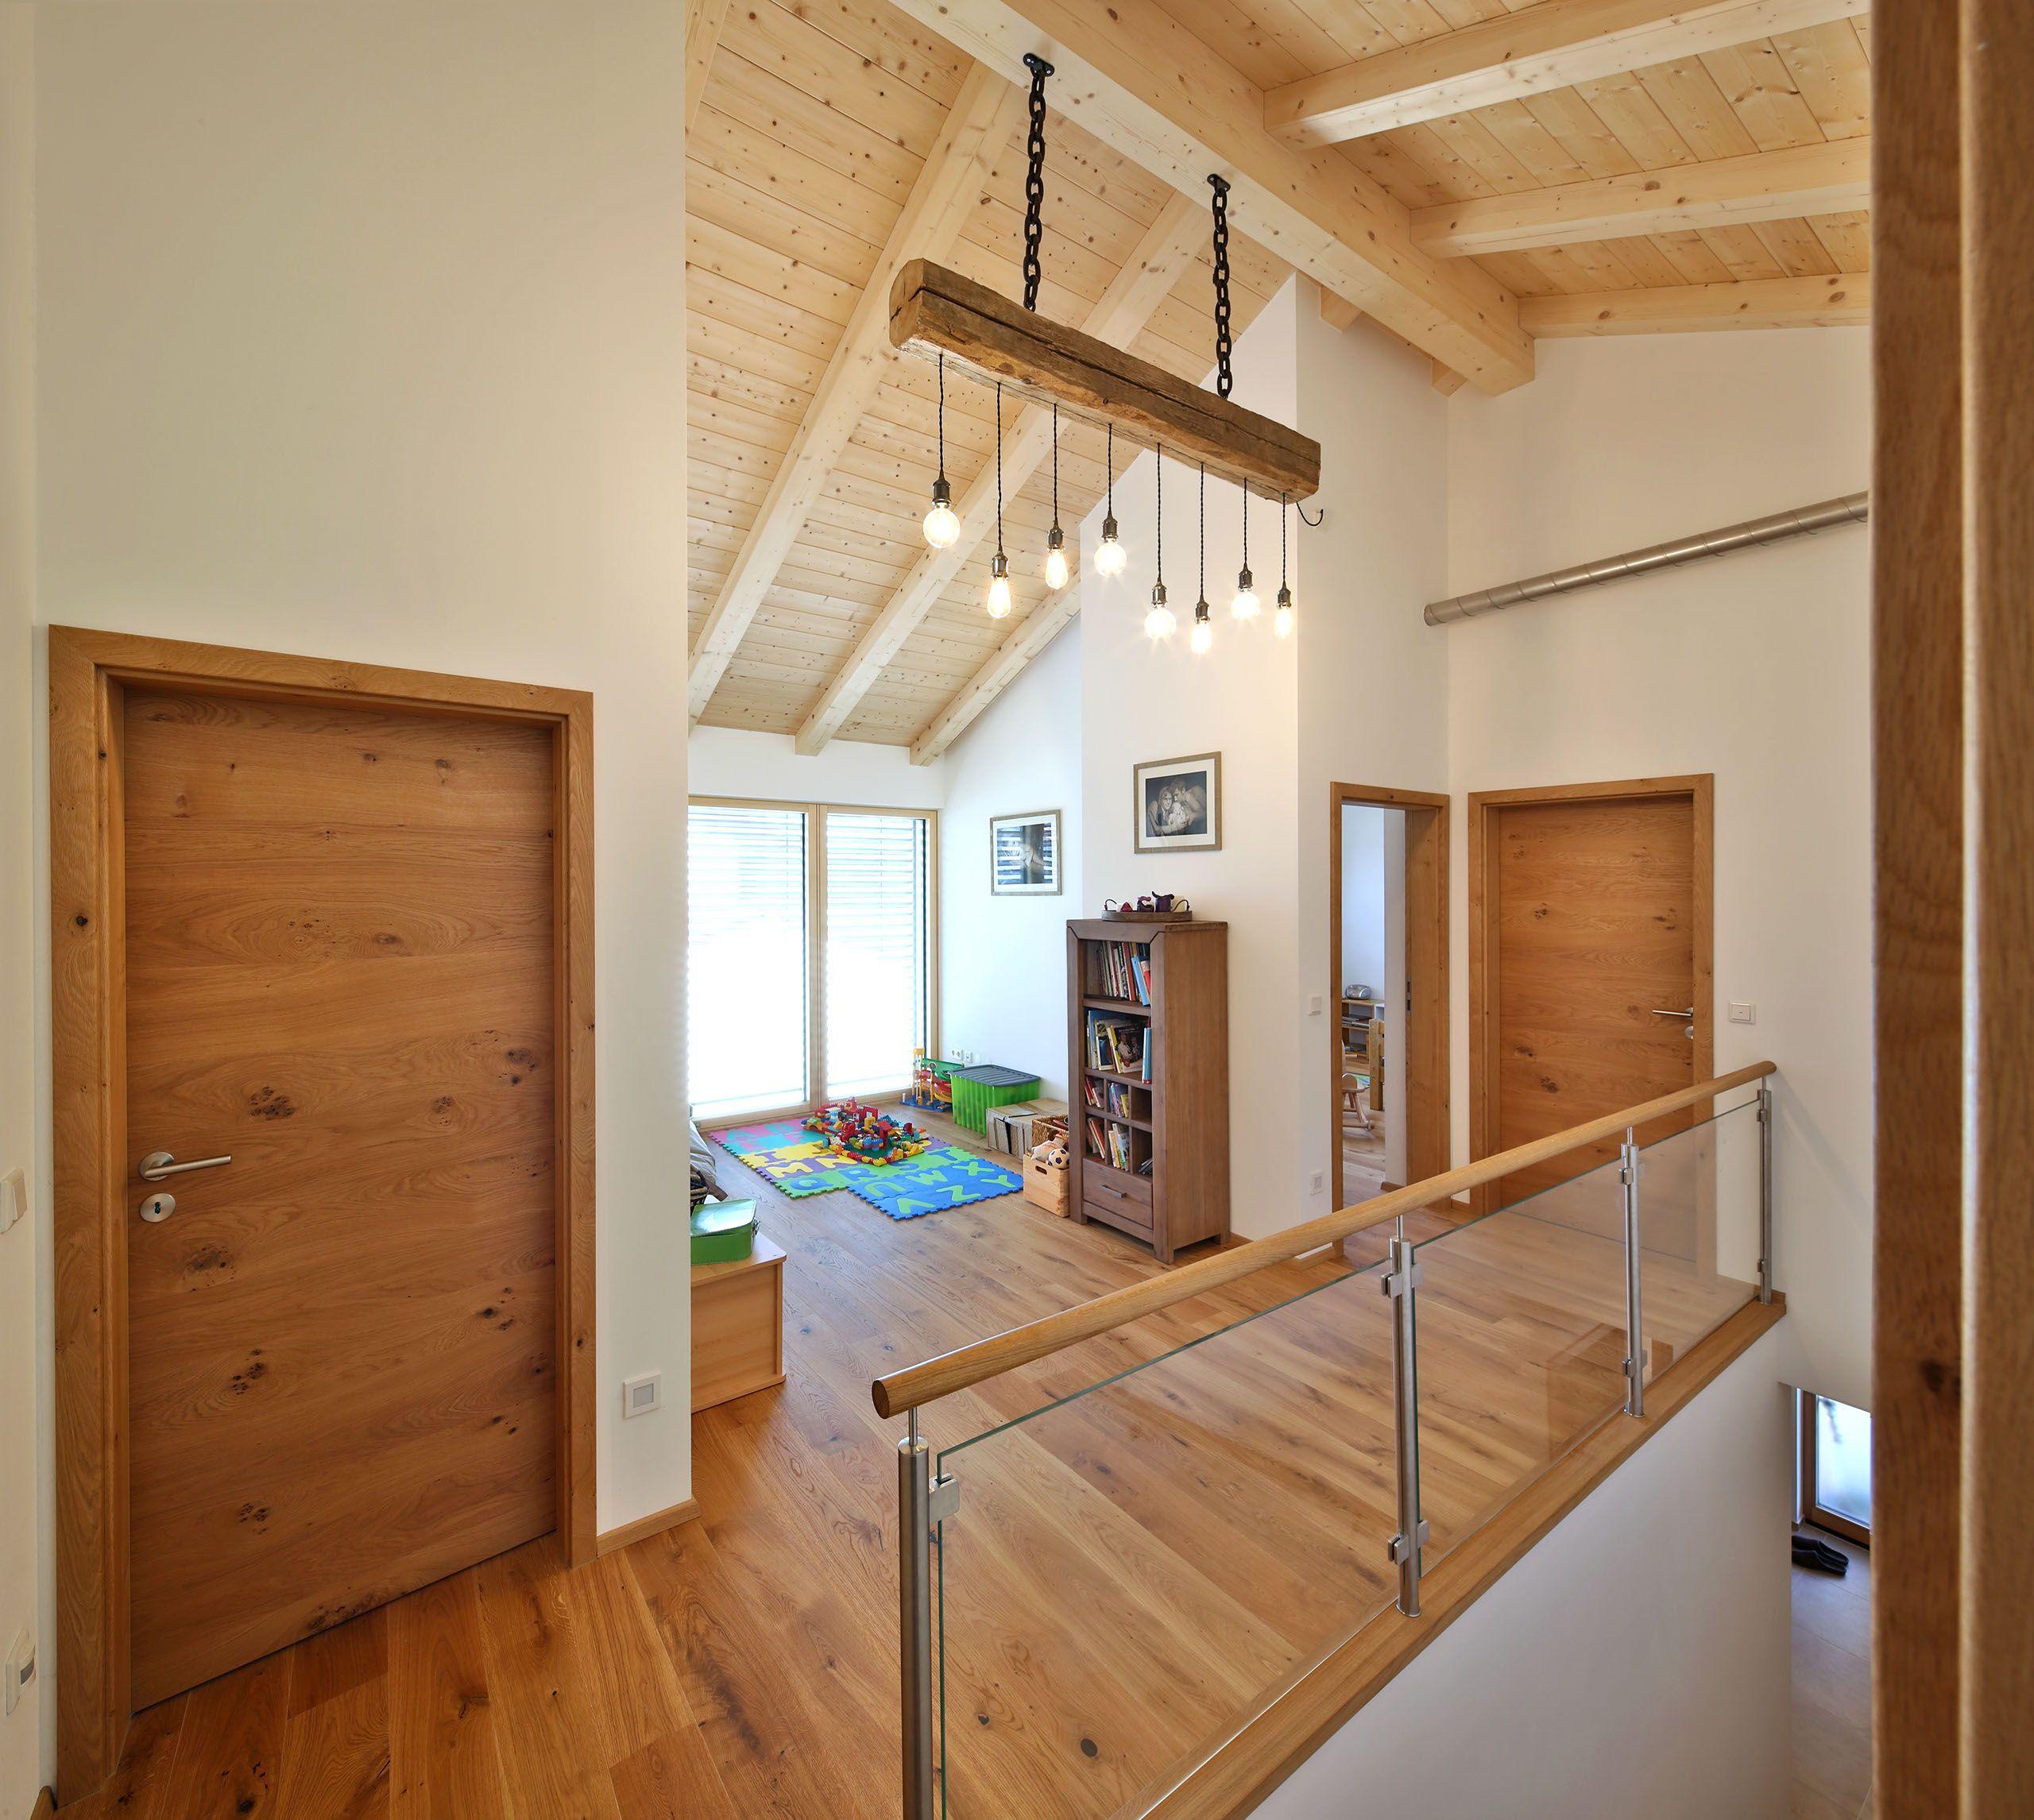 Sondermoning 12   Deco maison interieur, Idée entrée maison ...